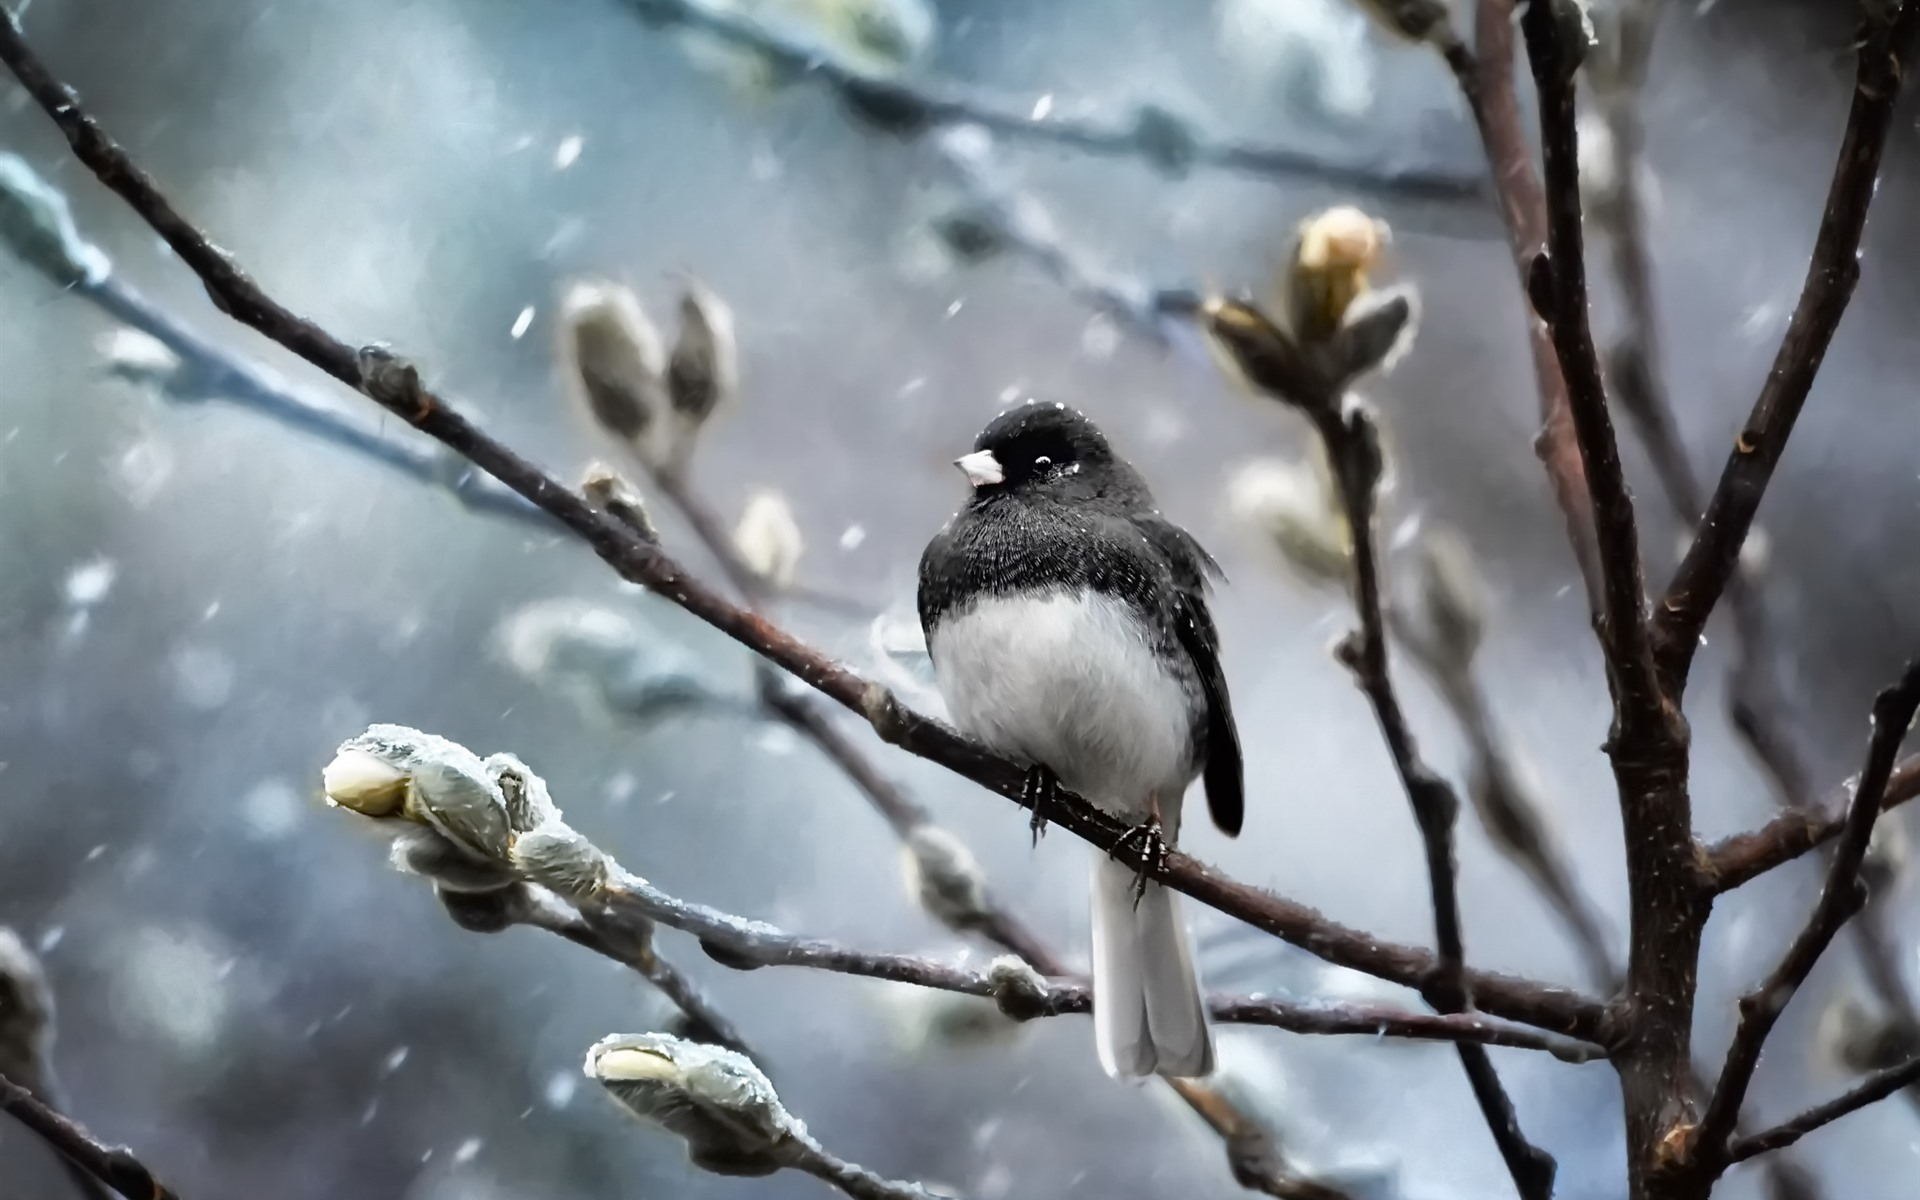 свет птицы зимой на деревьях ассортимент изделия